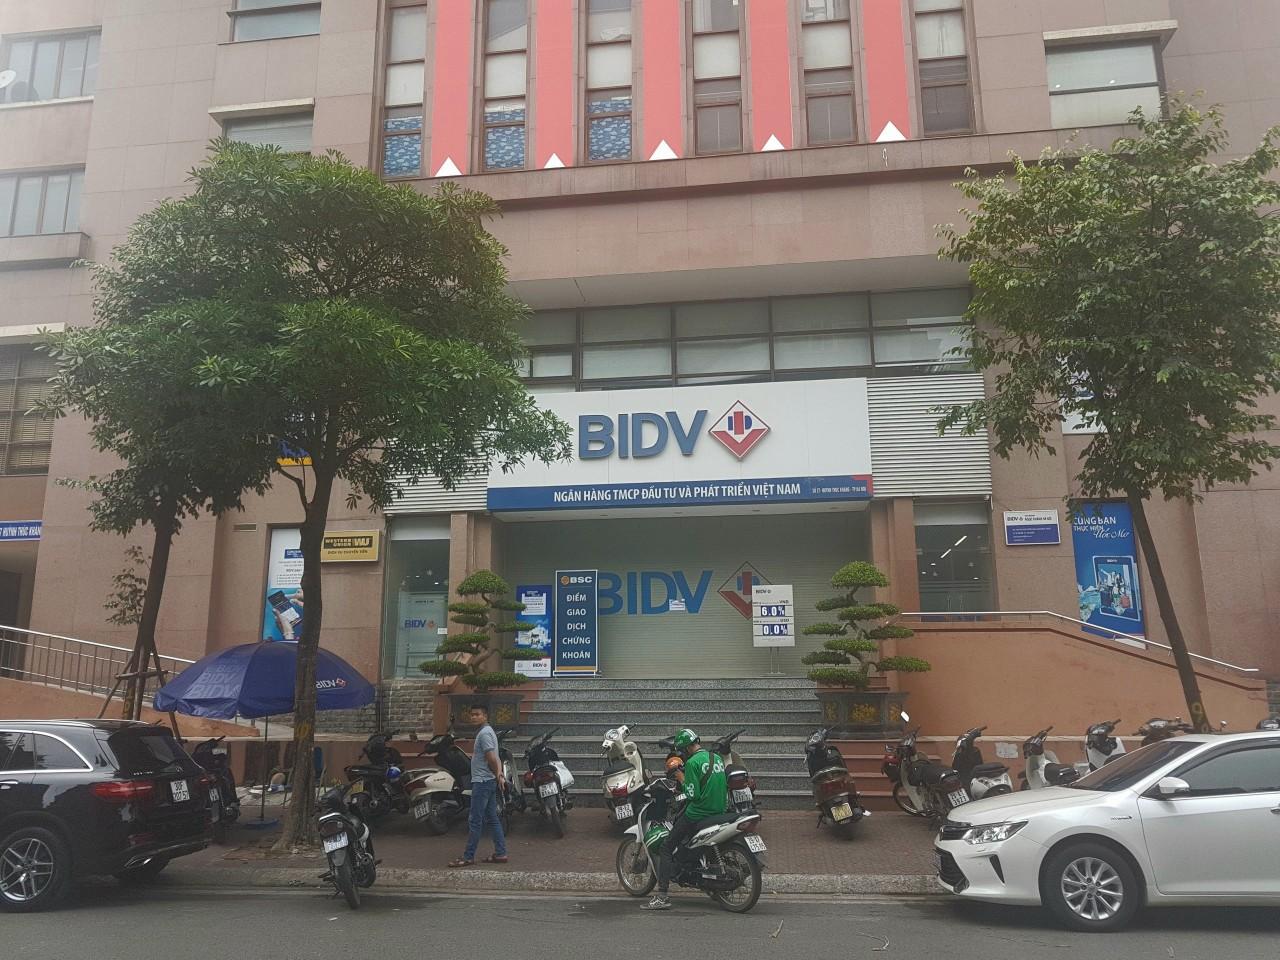 Cướp ngân hàng tại BIDV chi nhánh Ngọc Khánh - Hà Nội, thiệt hại ban đầu khoảng vài trăm triệu - Ảnh 1.